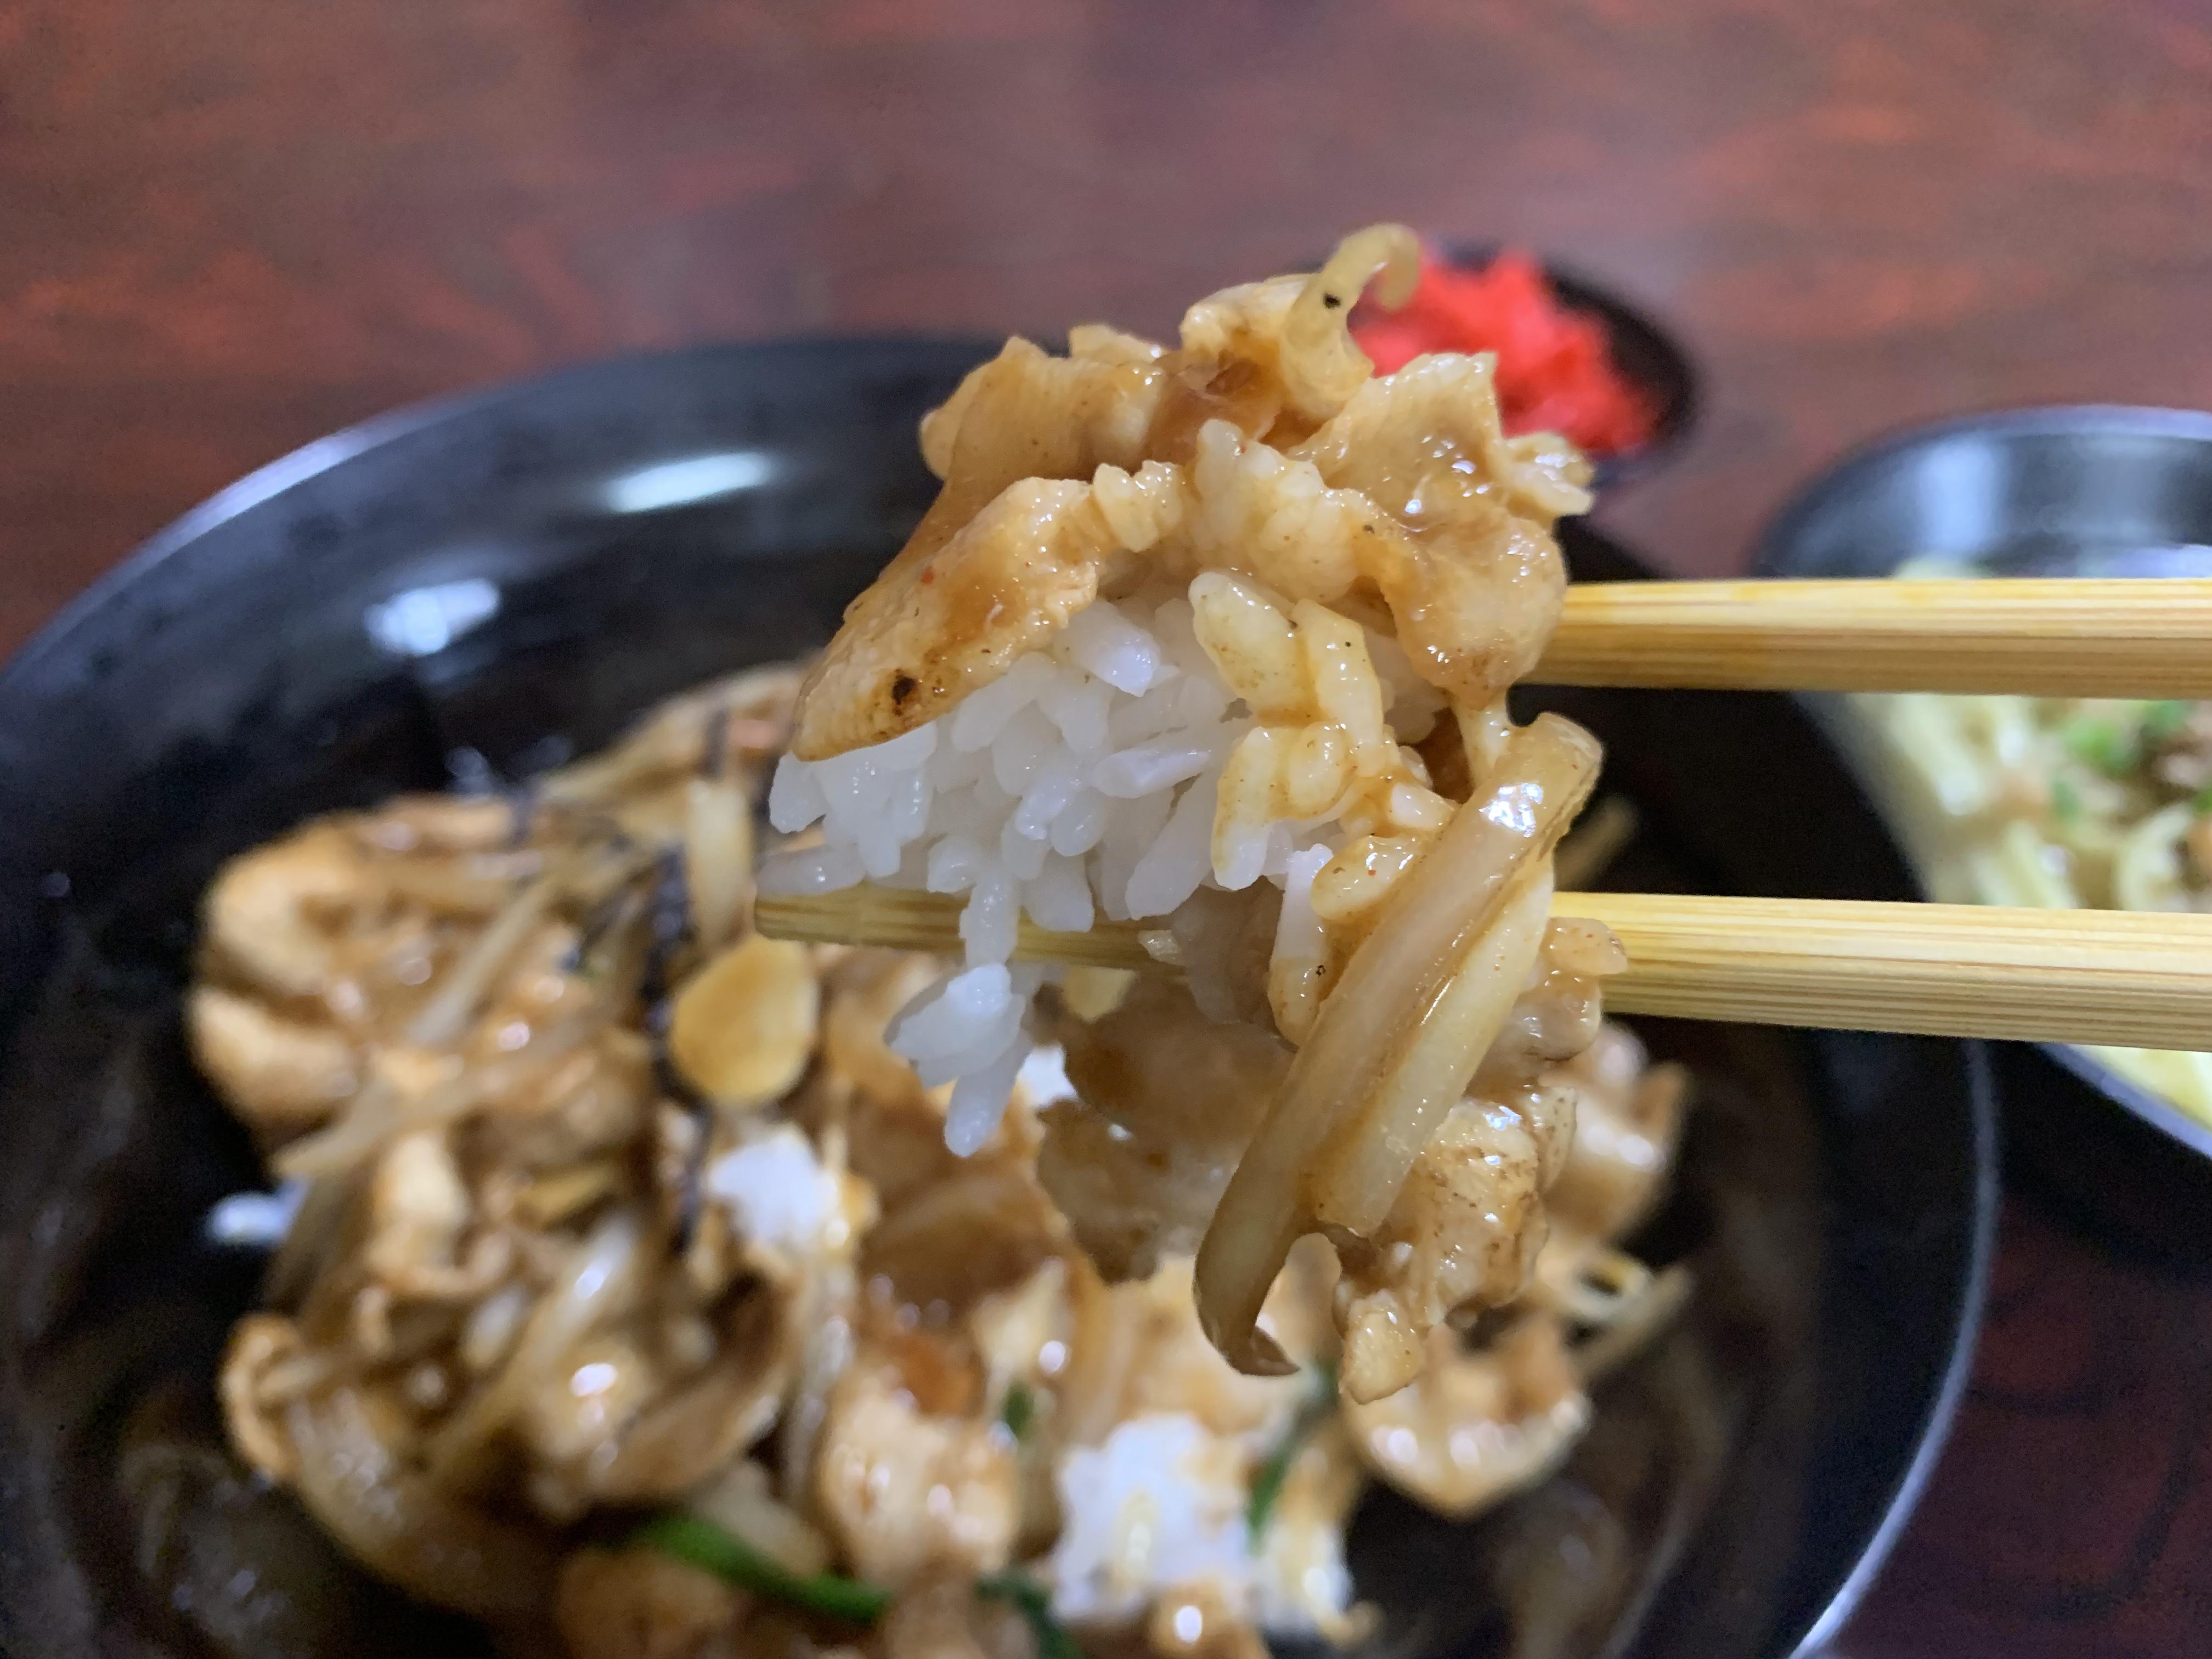 石垣島の大衆食堂✨おいしん坊✨✨